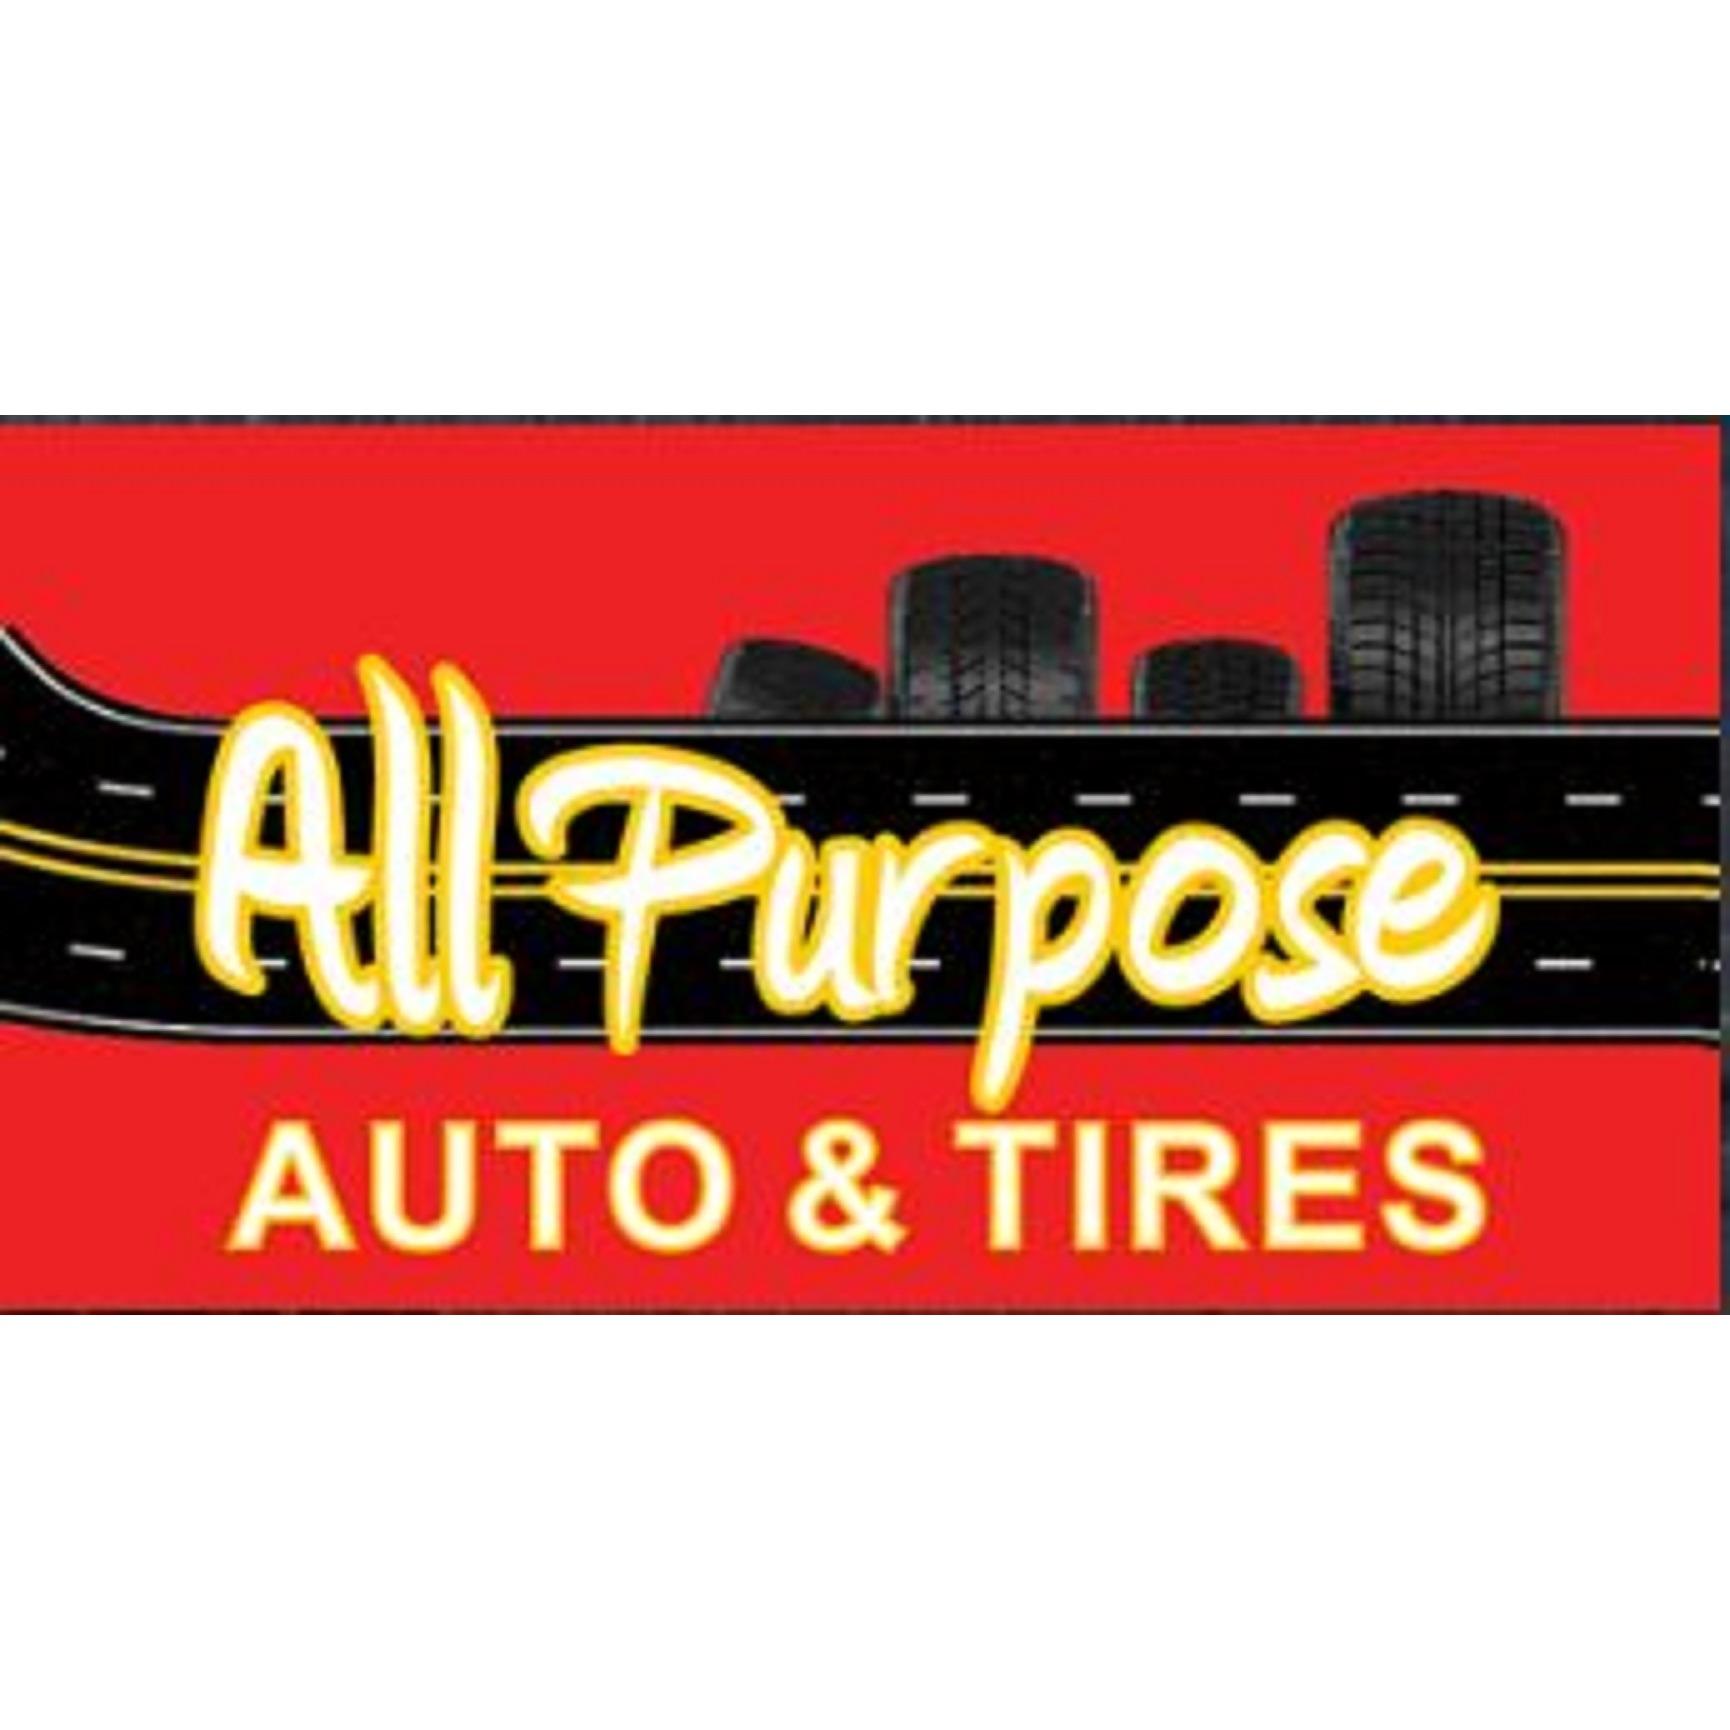 All Purpose Auto & Tires